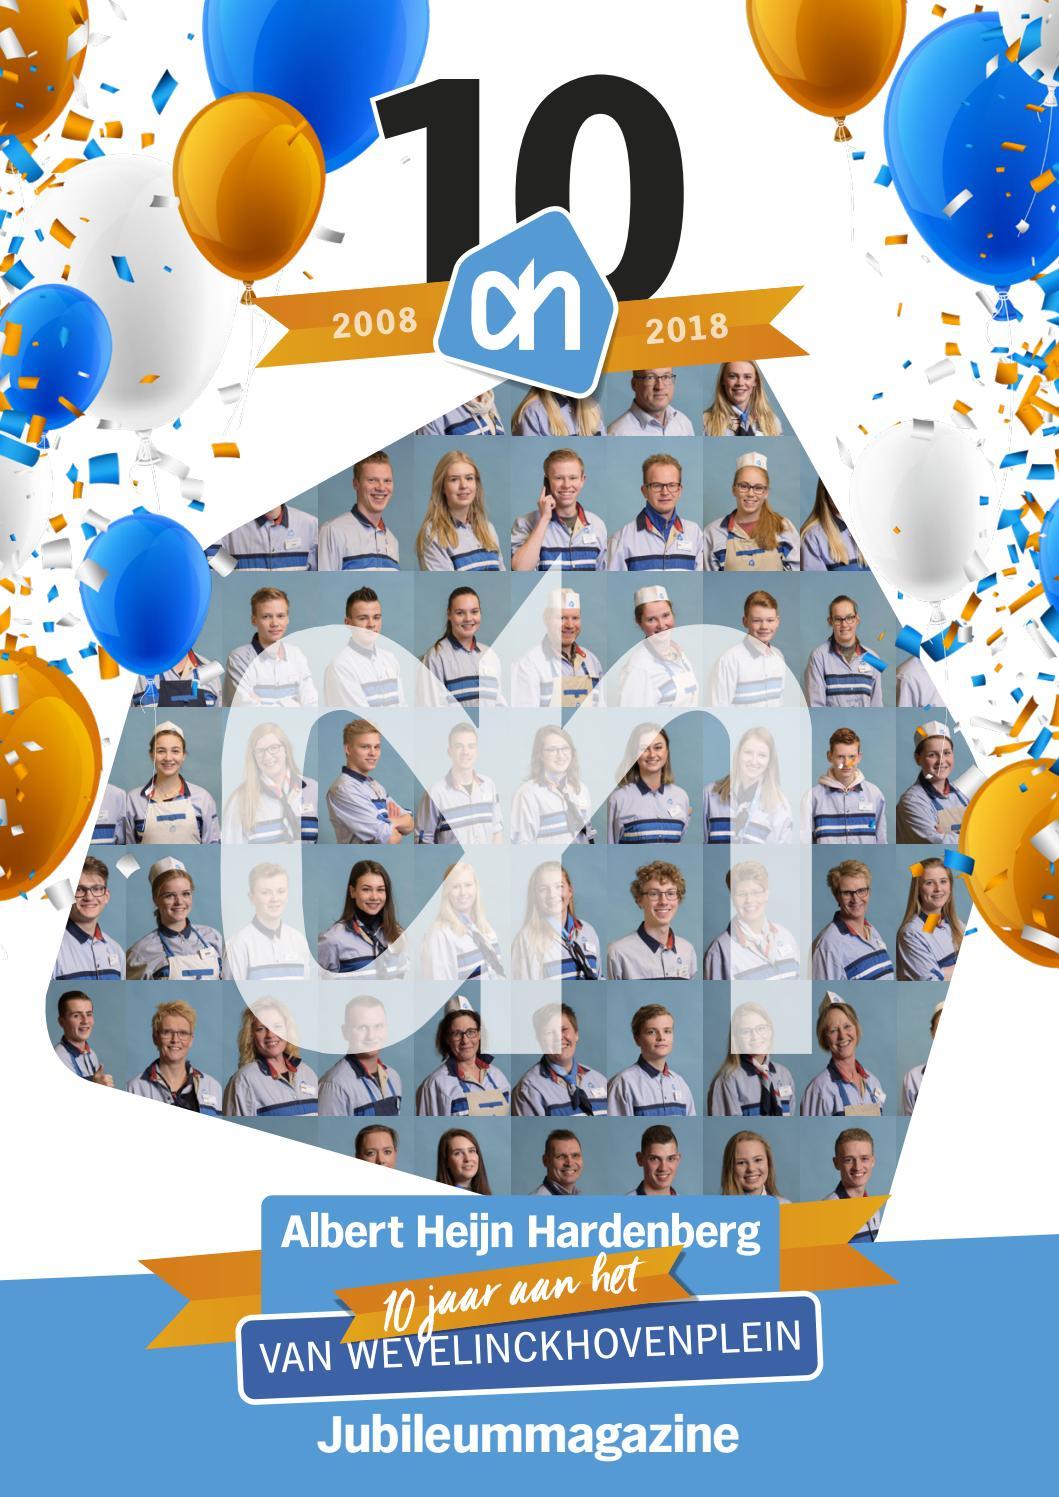 Dekbed Albert Heijn.Jubileummagazine Albert Heijn Hardenberg By Albert Heijn Hardenberg